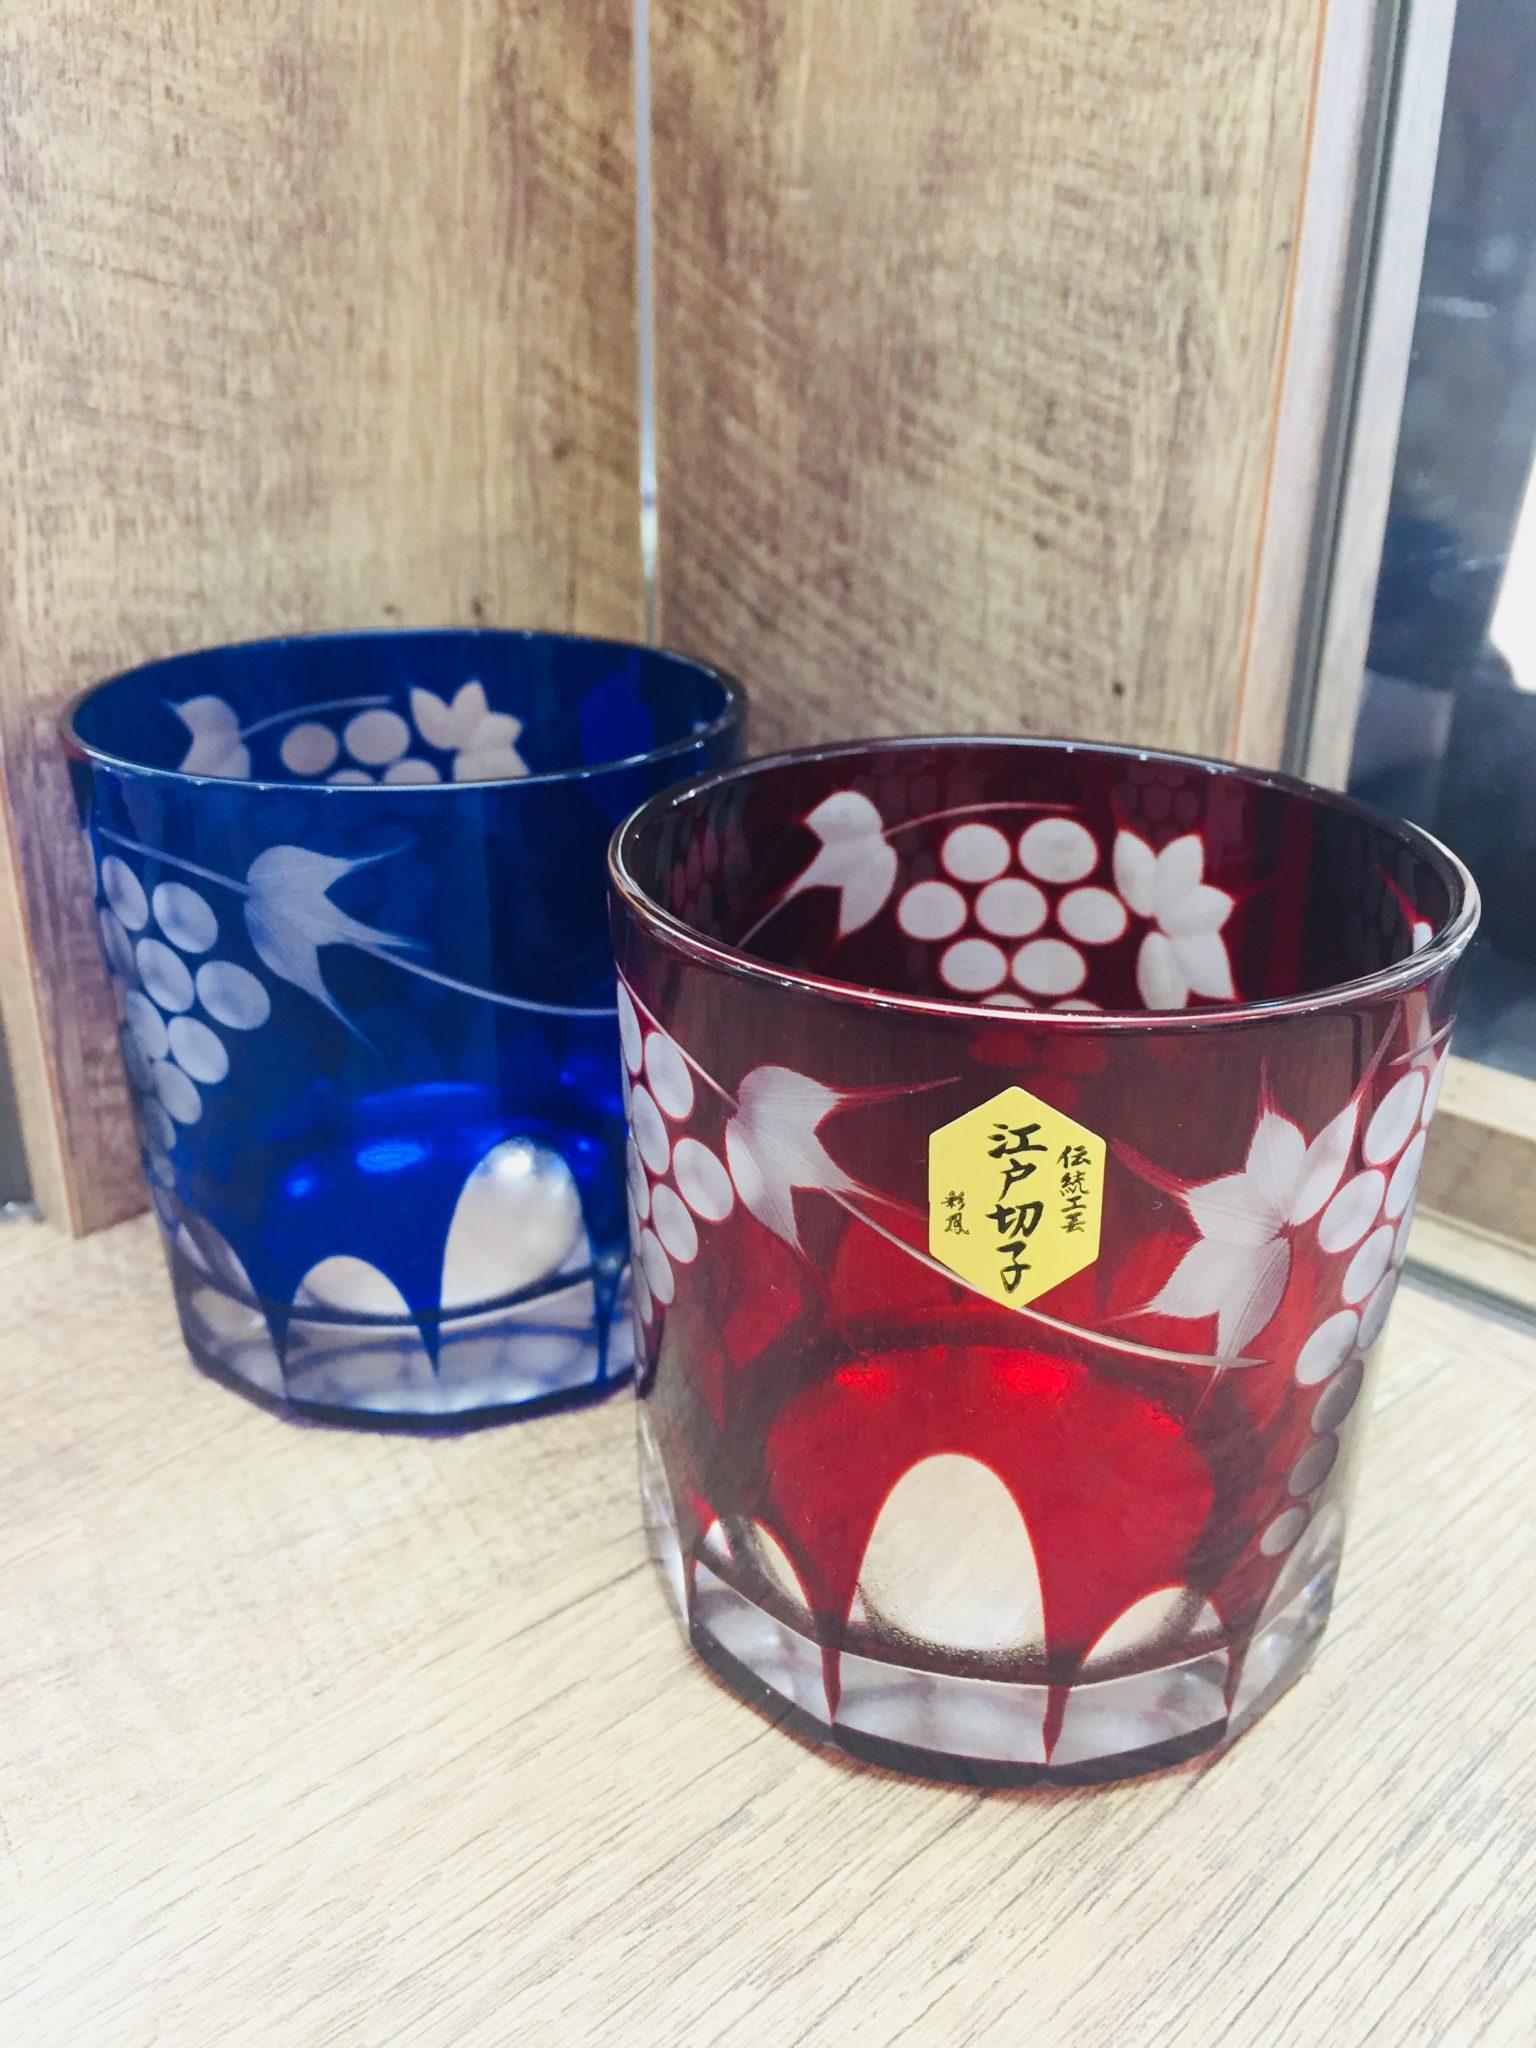 【盛岡 食器 販売】伝統工芸 江戸切子 えどきりこ グラス